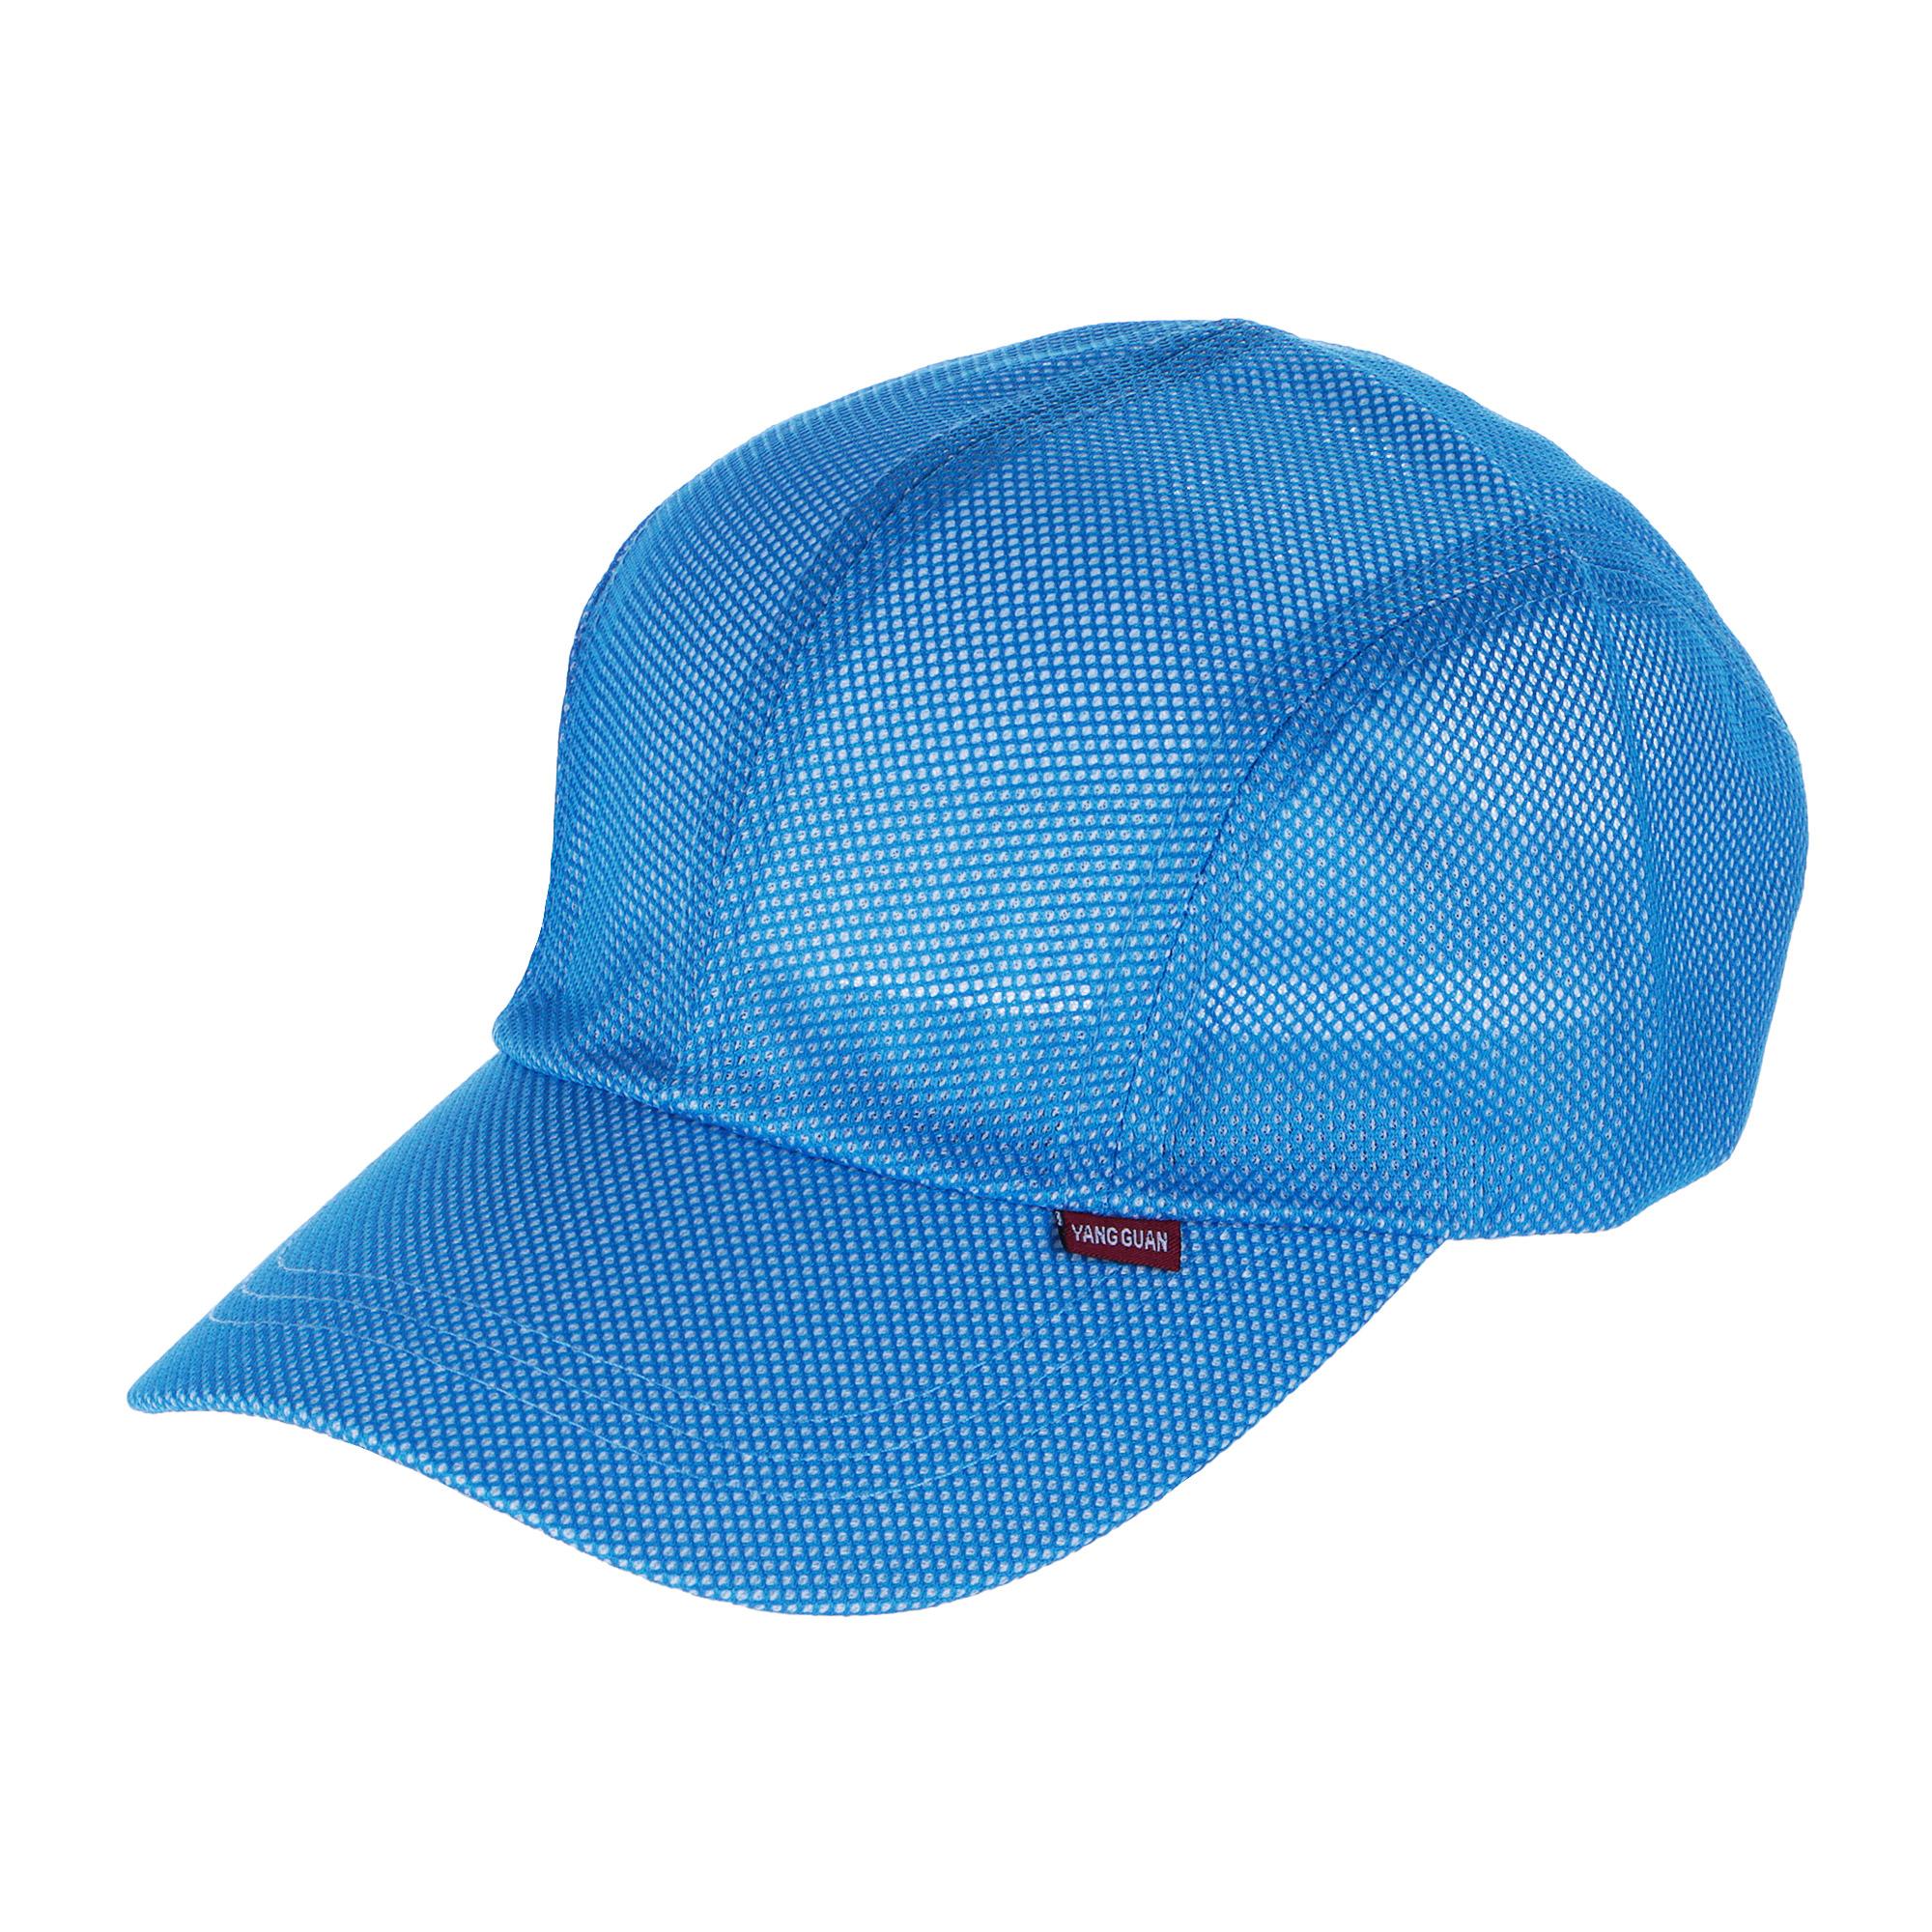 Бейсболка с сеткой Zhejiang Yining светло-синяя 58 см